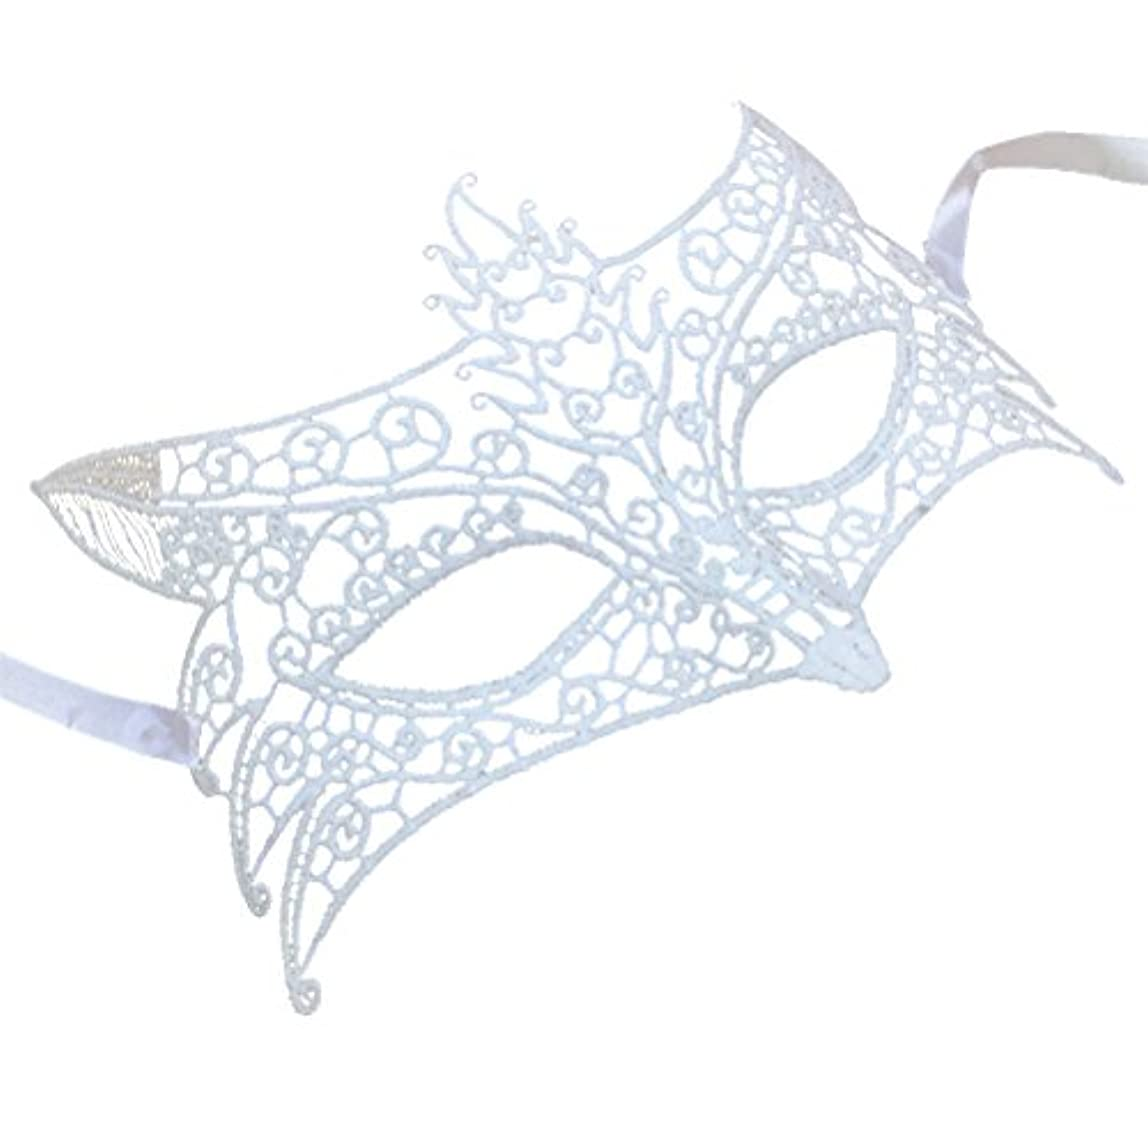 ファンブルカラスマトロンAMOSFUN キツネの形をしたレースパーティーマスクイブニングパーティーウエディングマスカレードマスク(ホワイト)